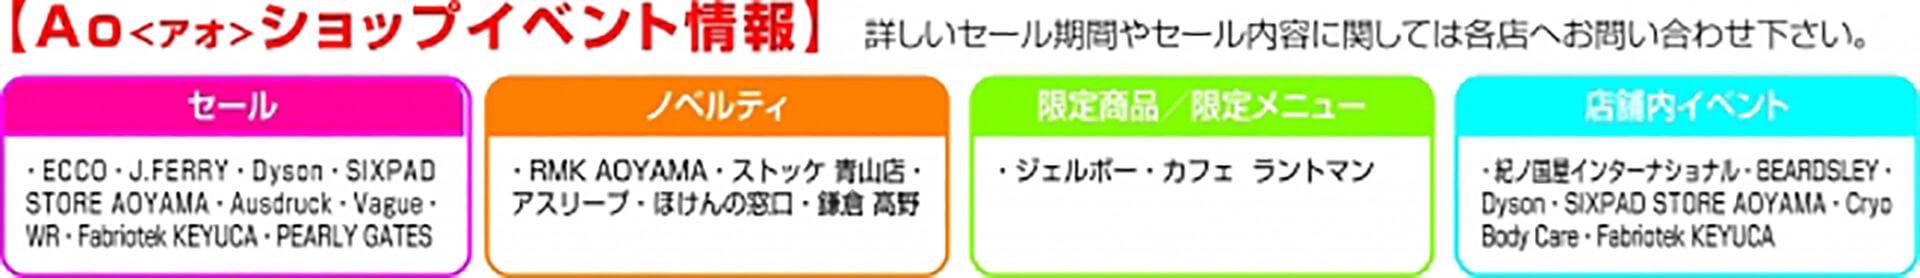 この写真は表参道AoビルのSUMMER SALEのイベント情報列記